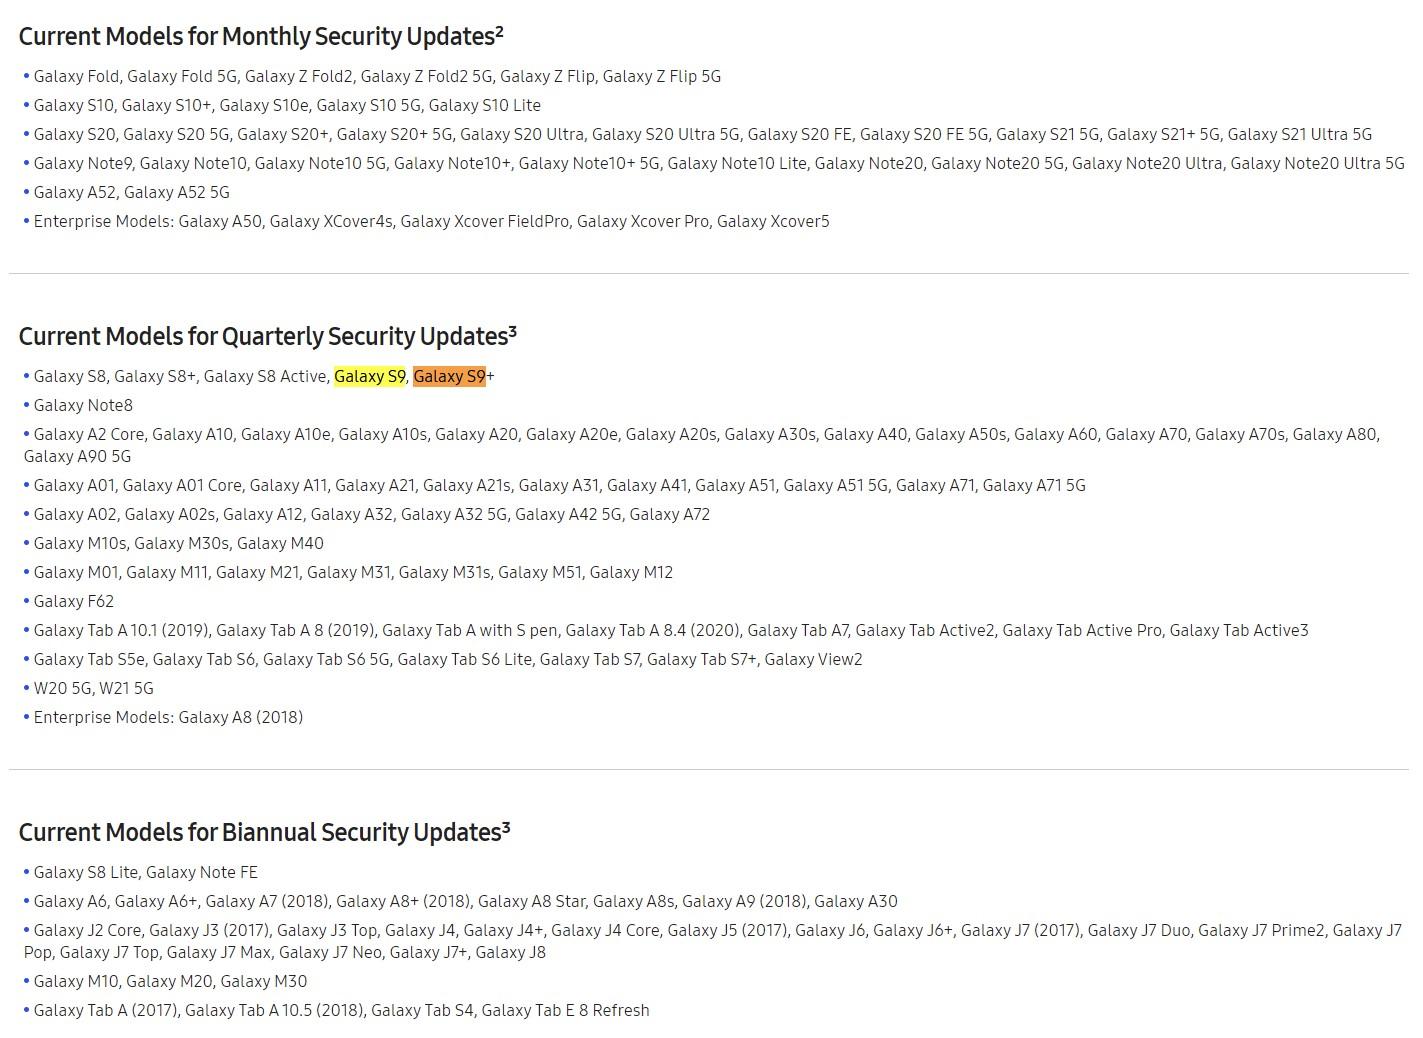 Samsung Galaxy S9 Update Schedule